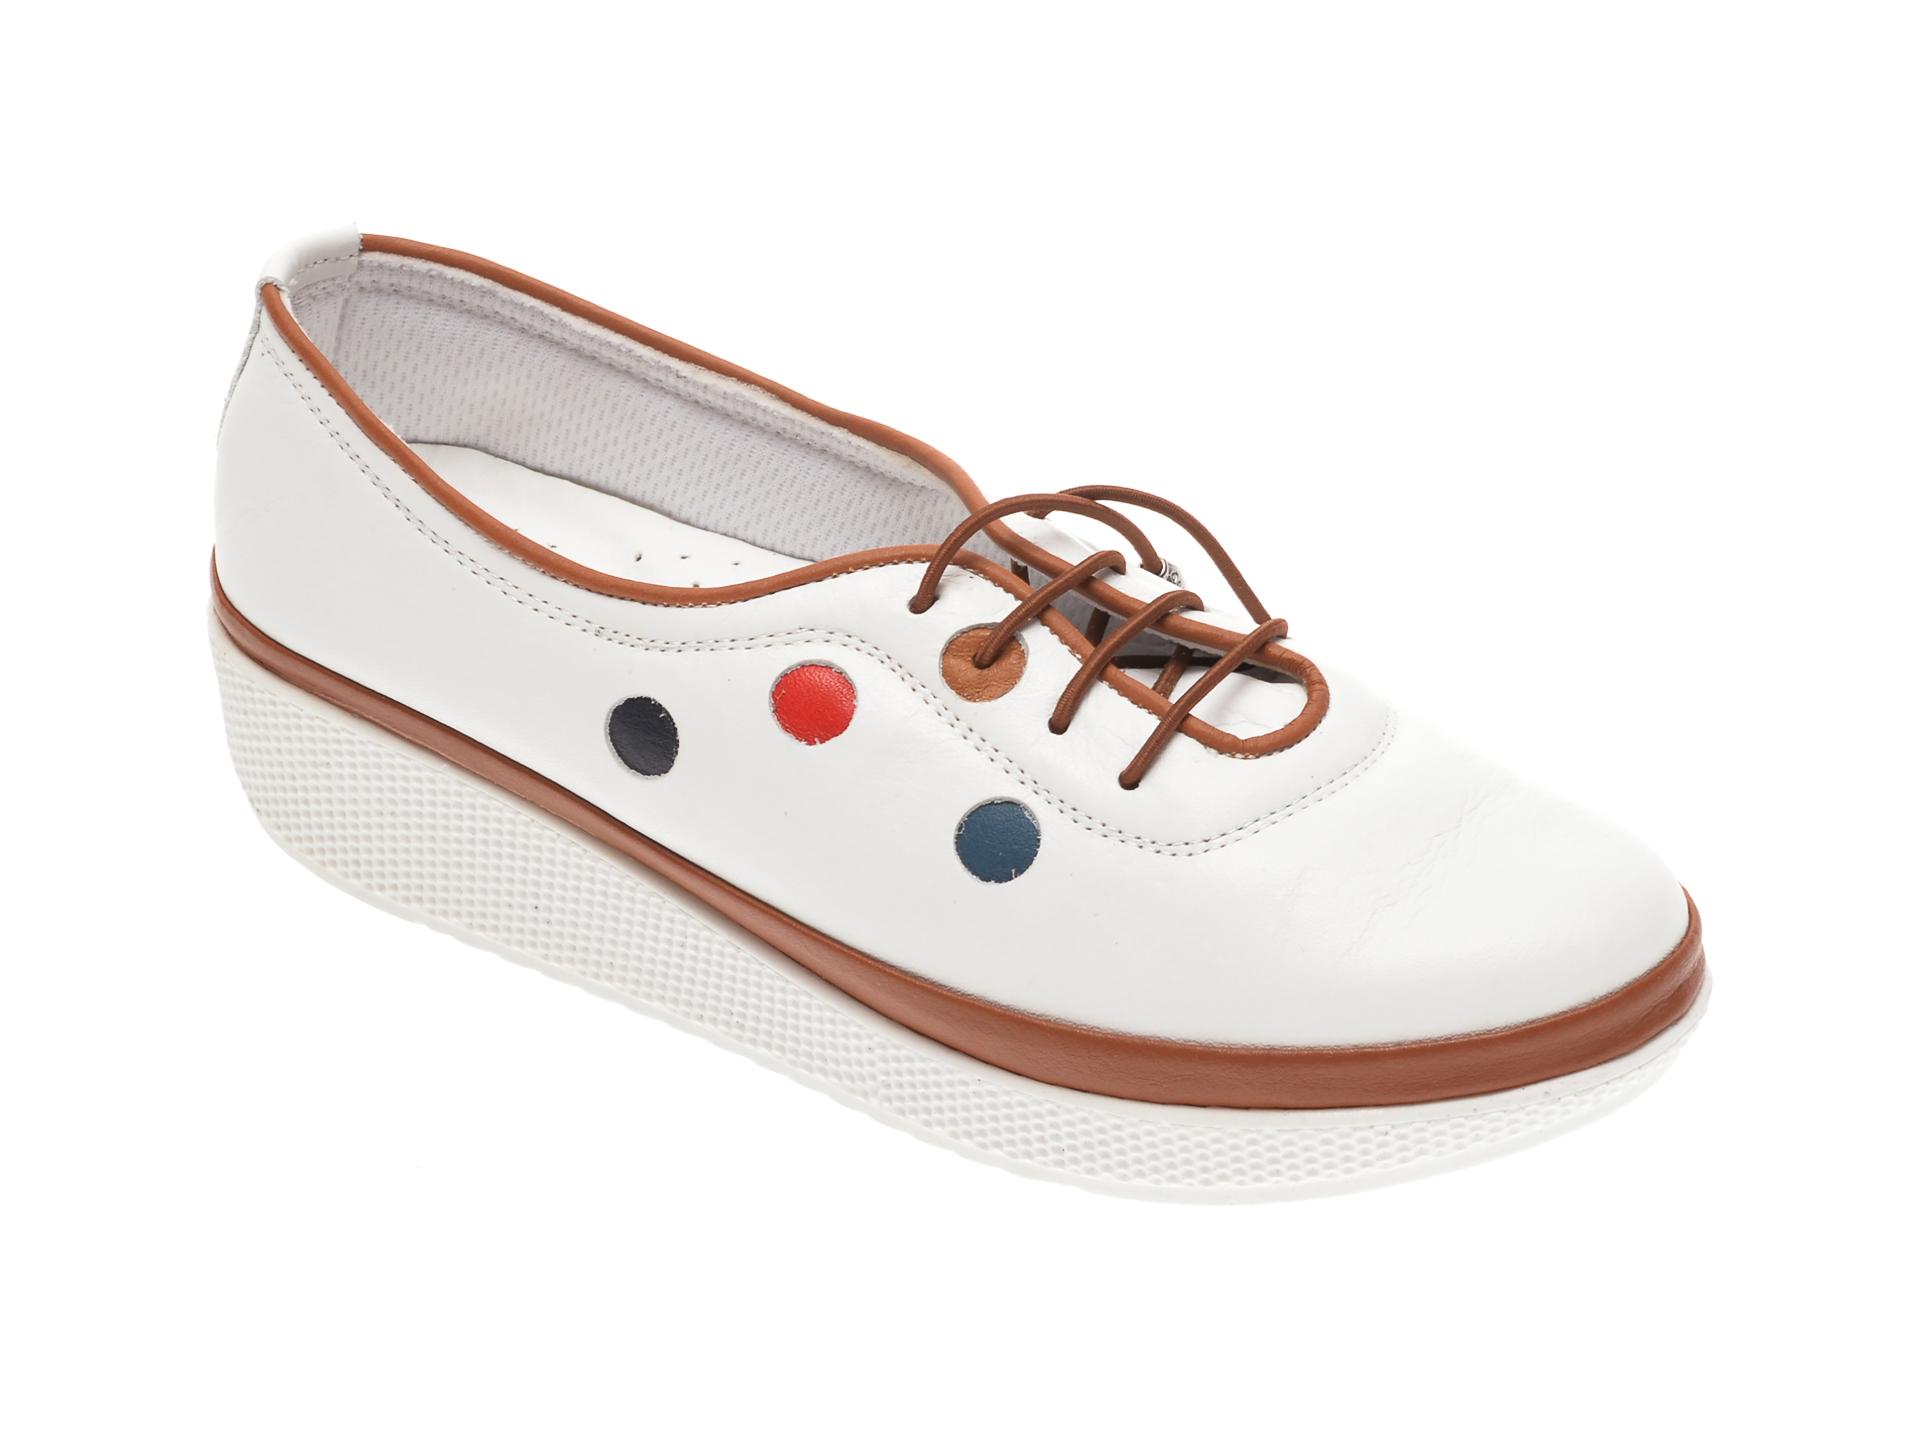 Pantofi PASS COLLECTION albi, H17, din piele naturala imagine